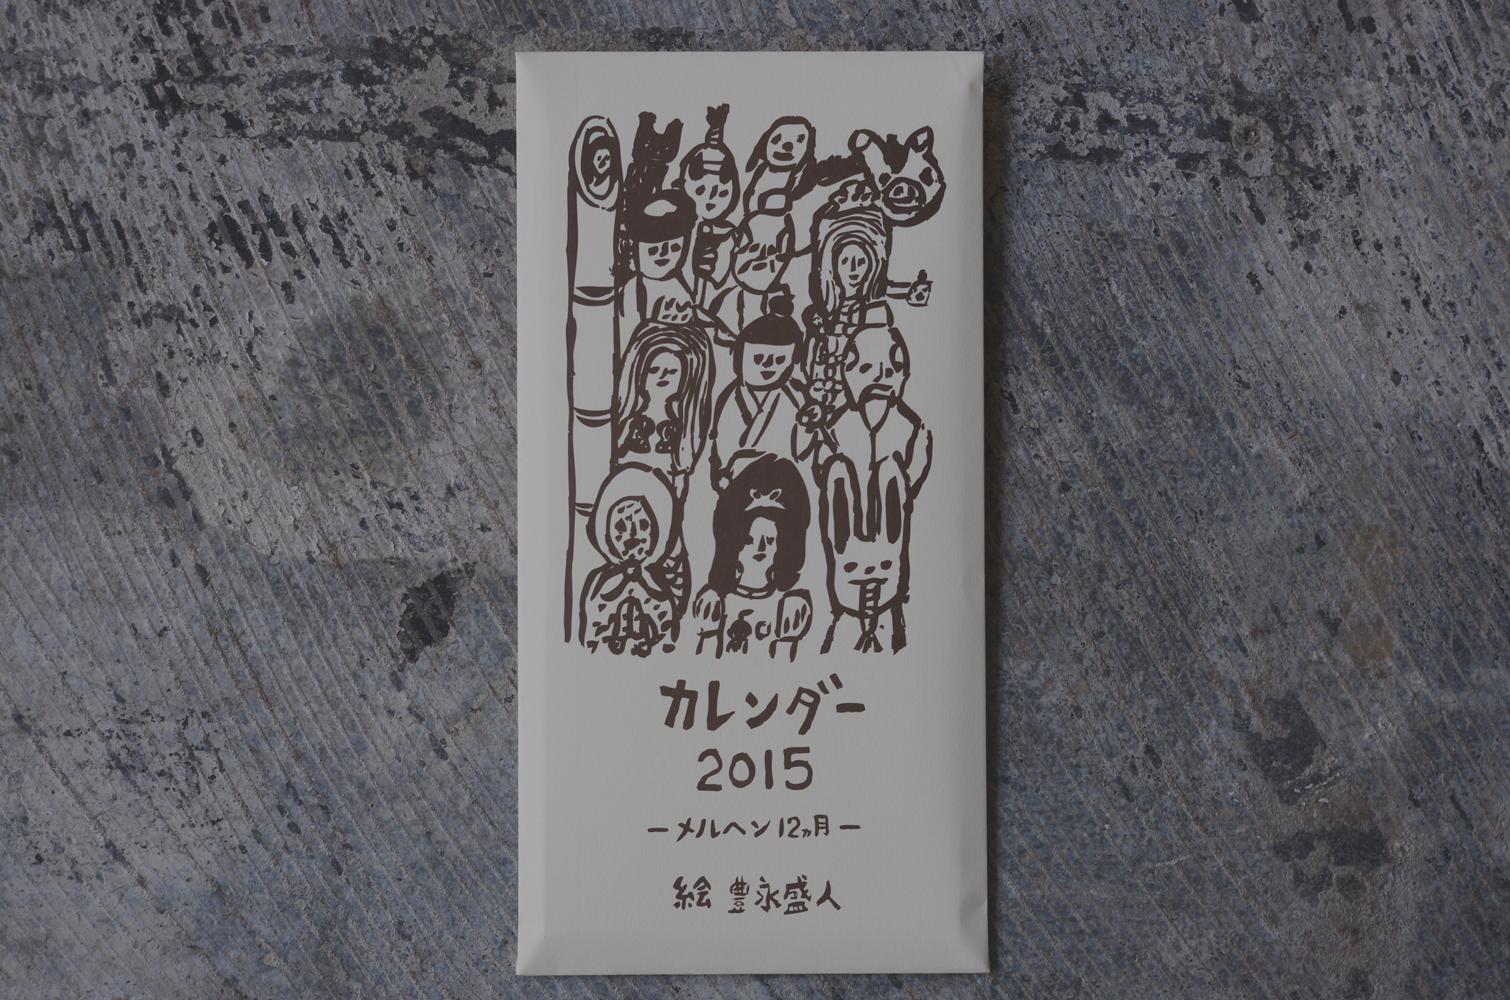 豊永盛人 cl2015-8